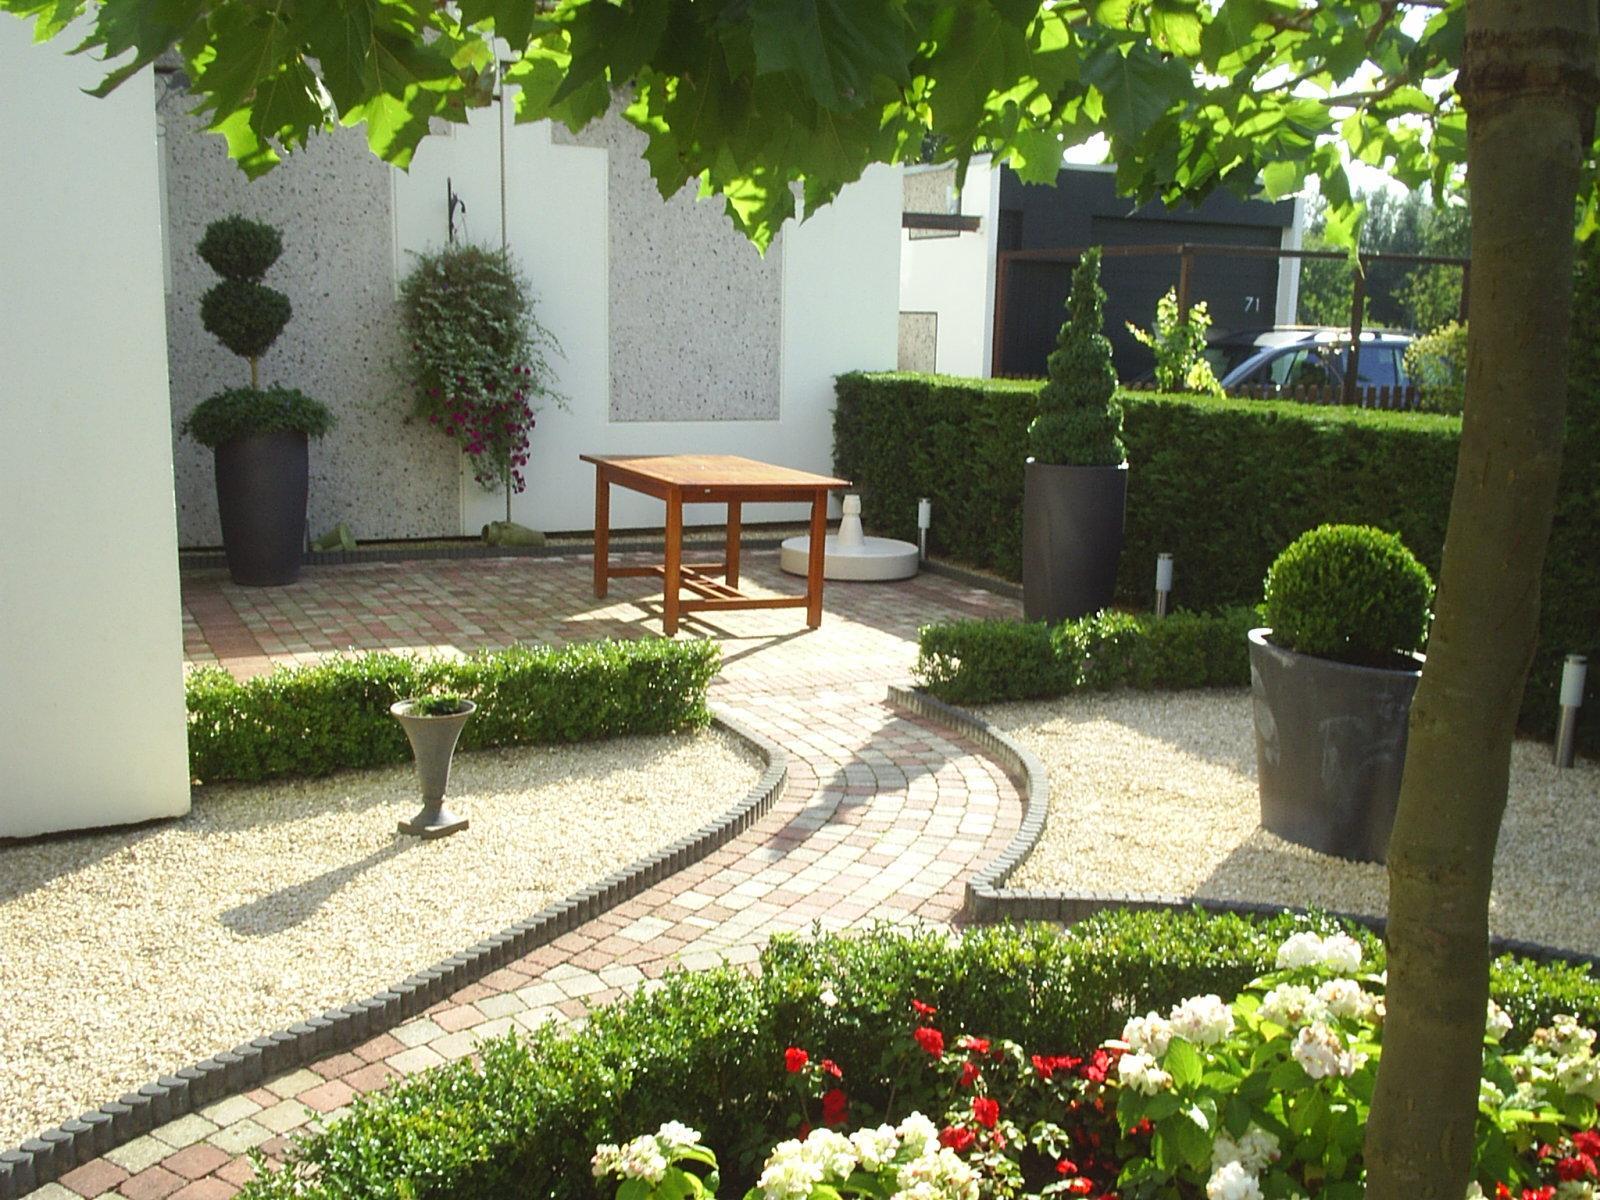 Dromen over een nieuwe tuin tuinman offerte for Tuin aan laten leggen